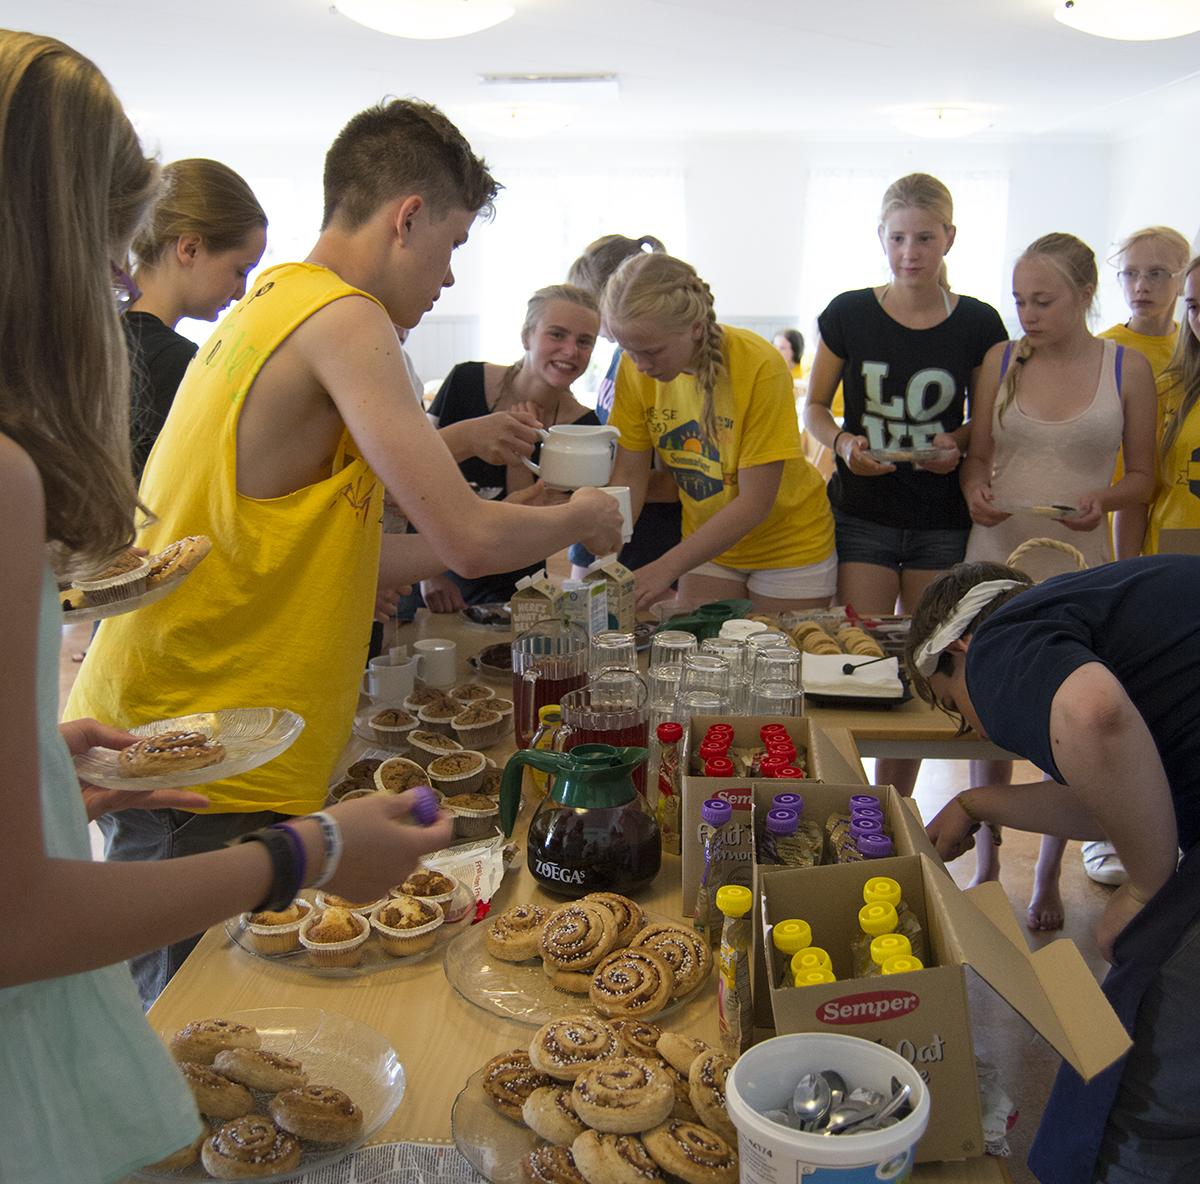 Deltagarna plockar från den glutenfria kakbuffén.